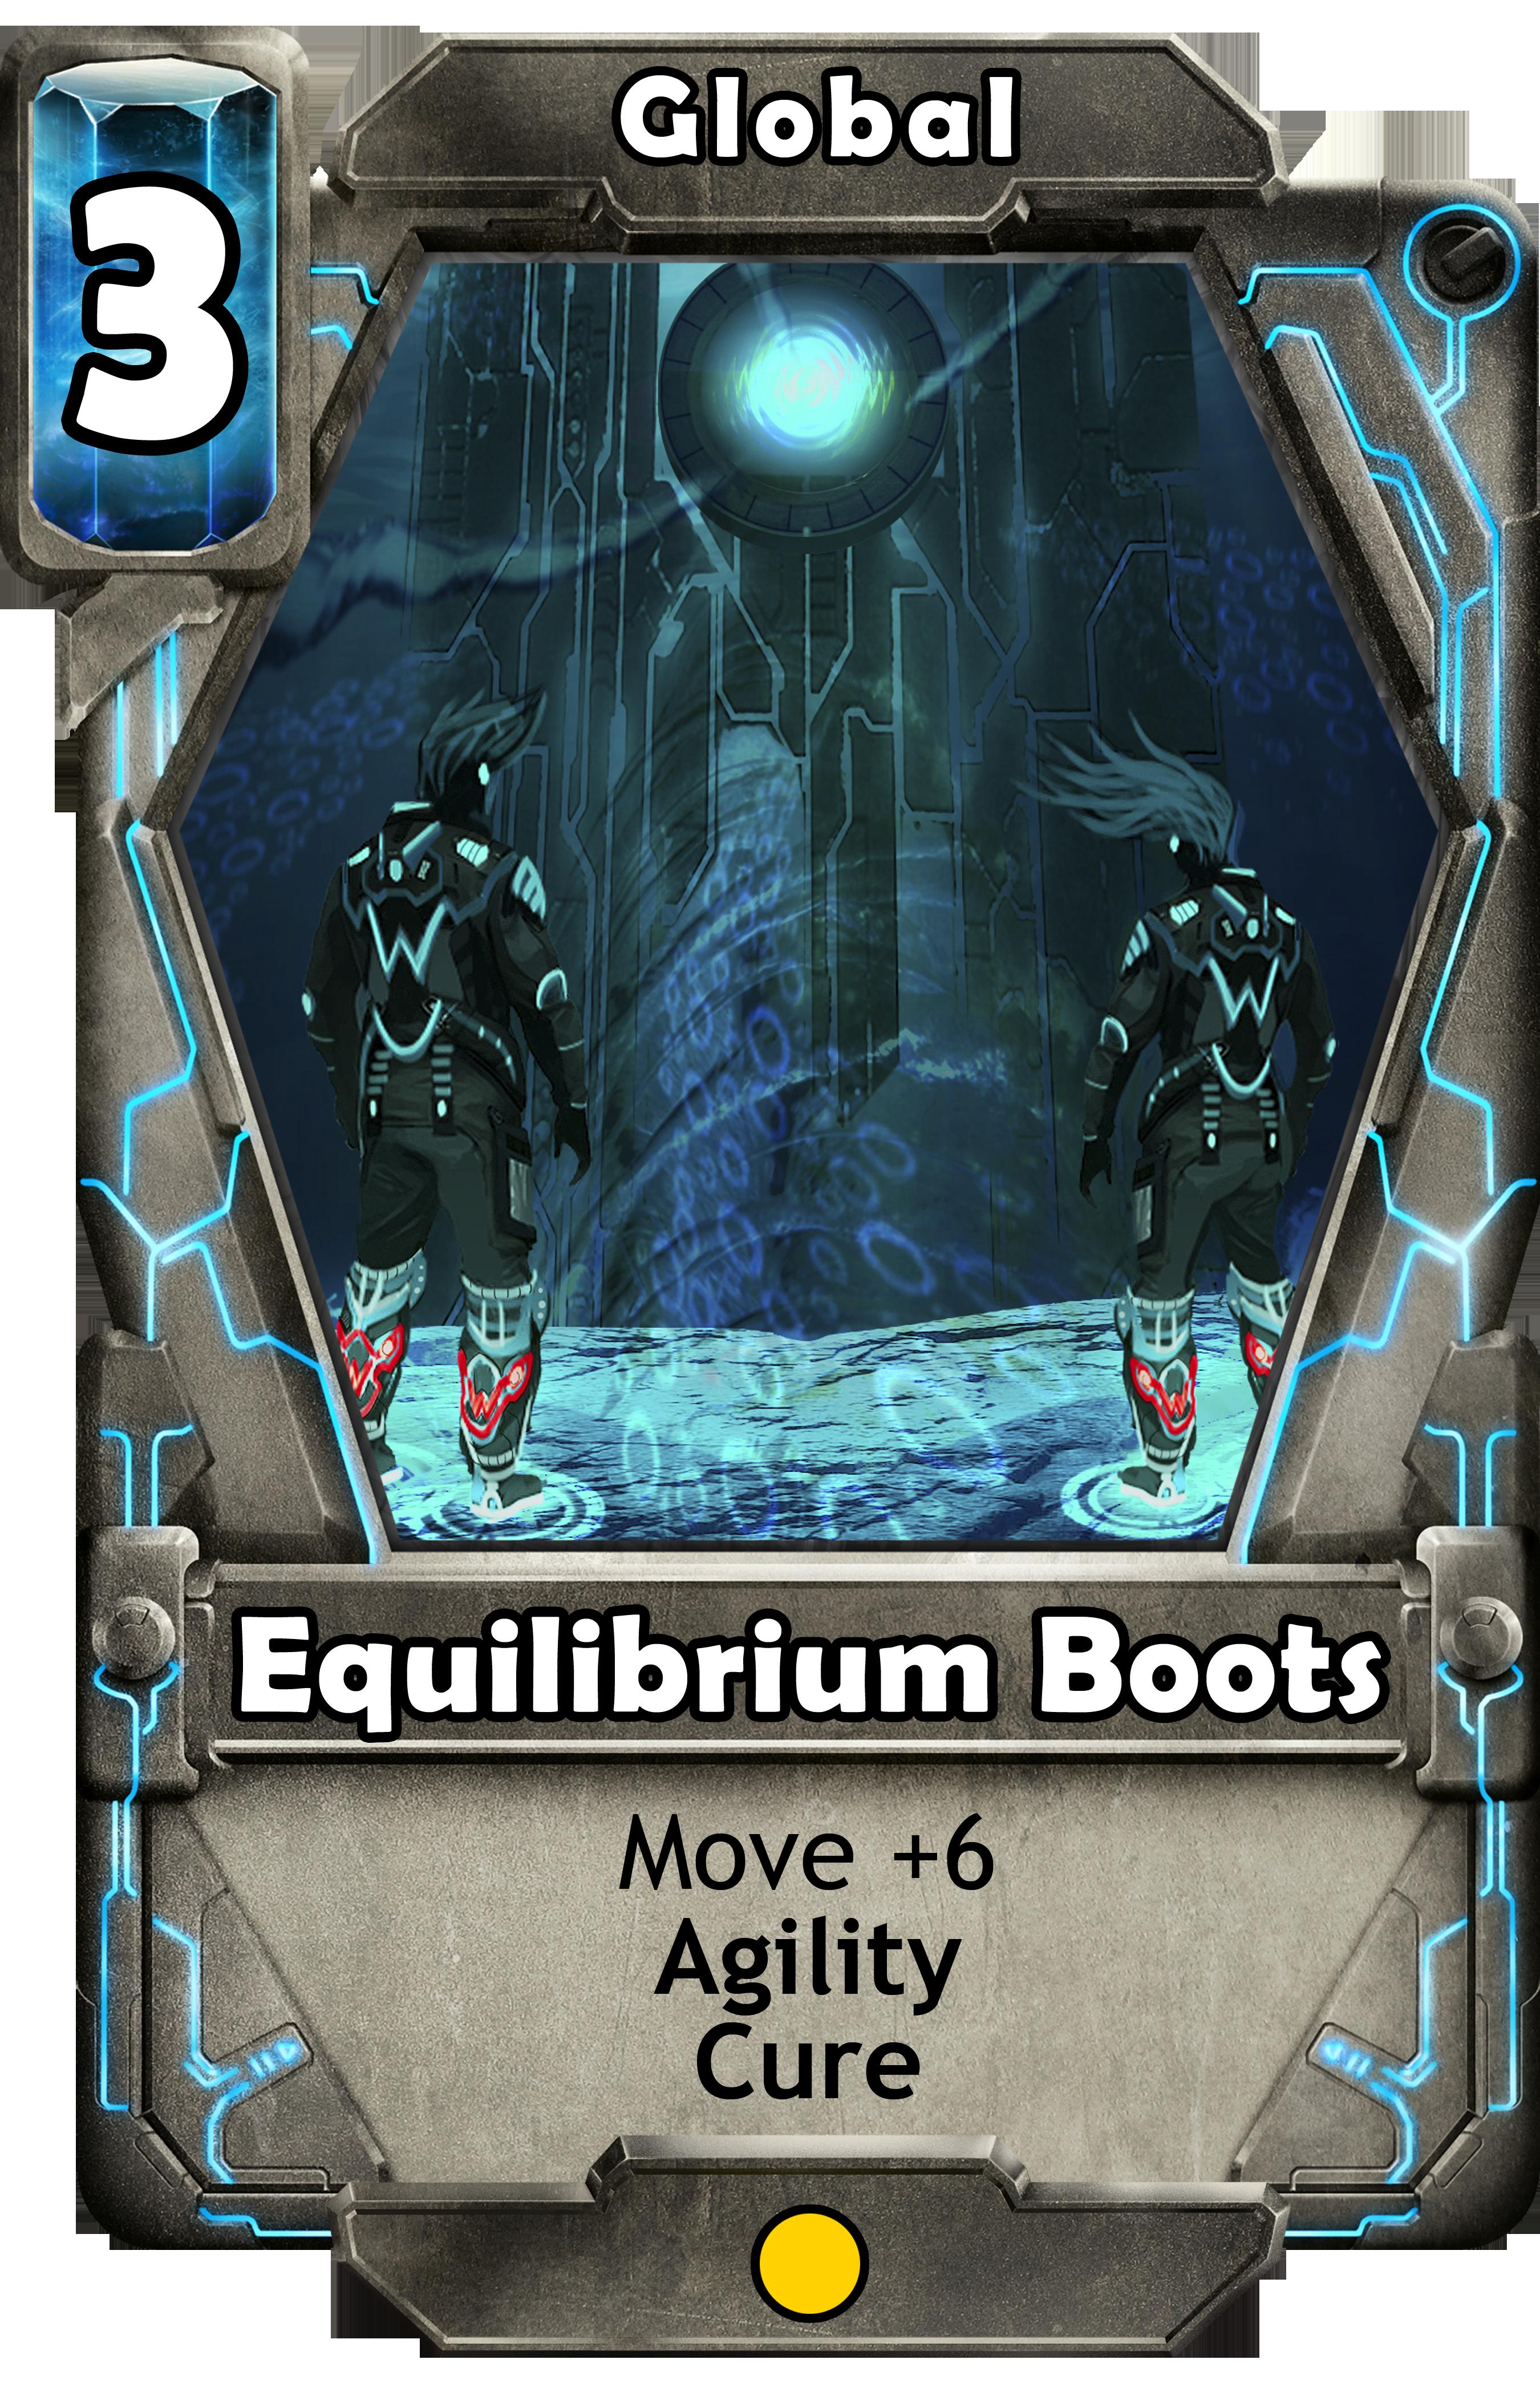 Equilibrium Boots